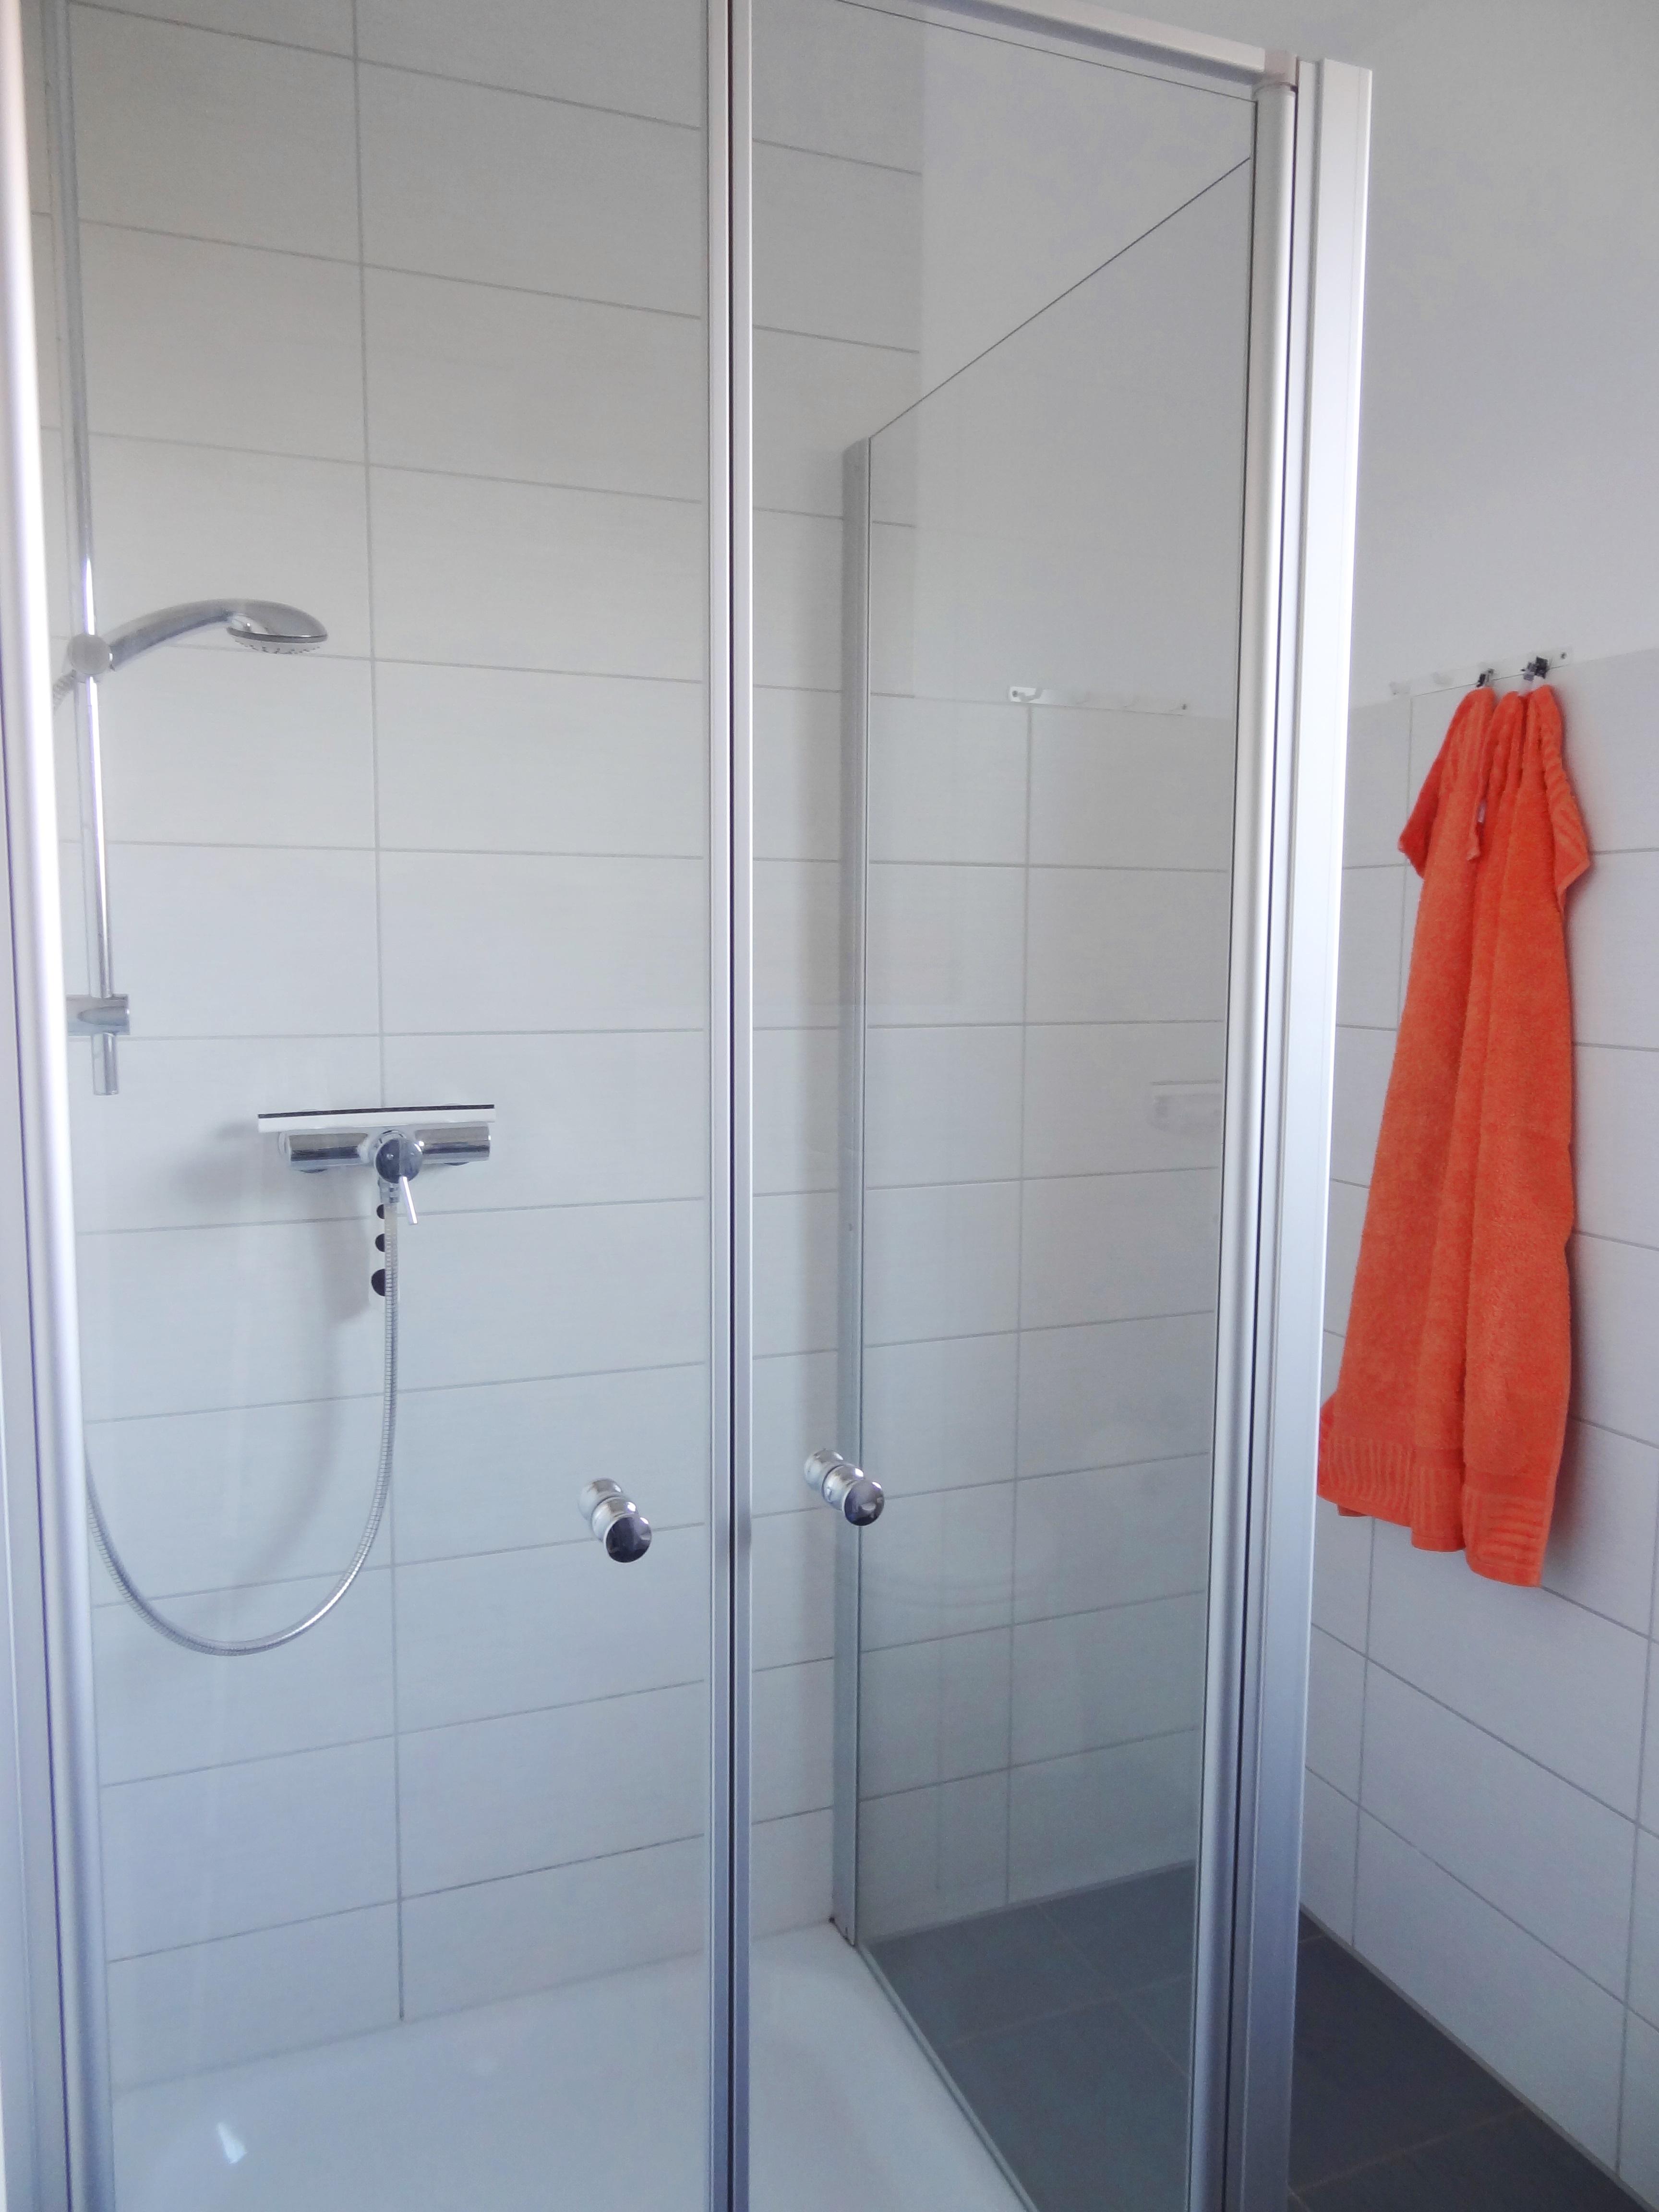 Badezimmer mit Dusche der Ferienwohnung Itzehoe von Ferienwohnungen Hass auf Fehmarn